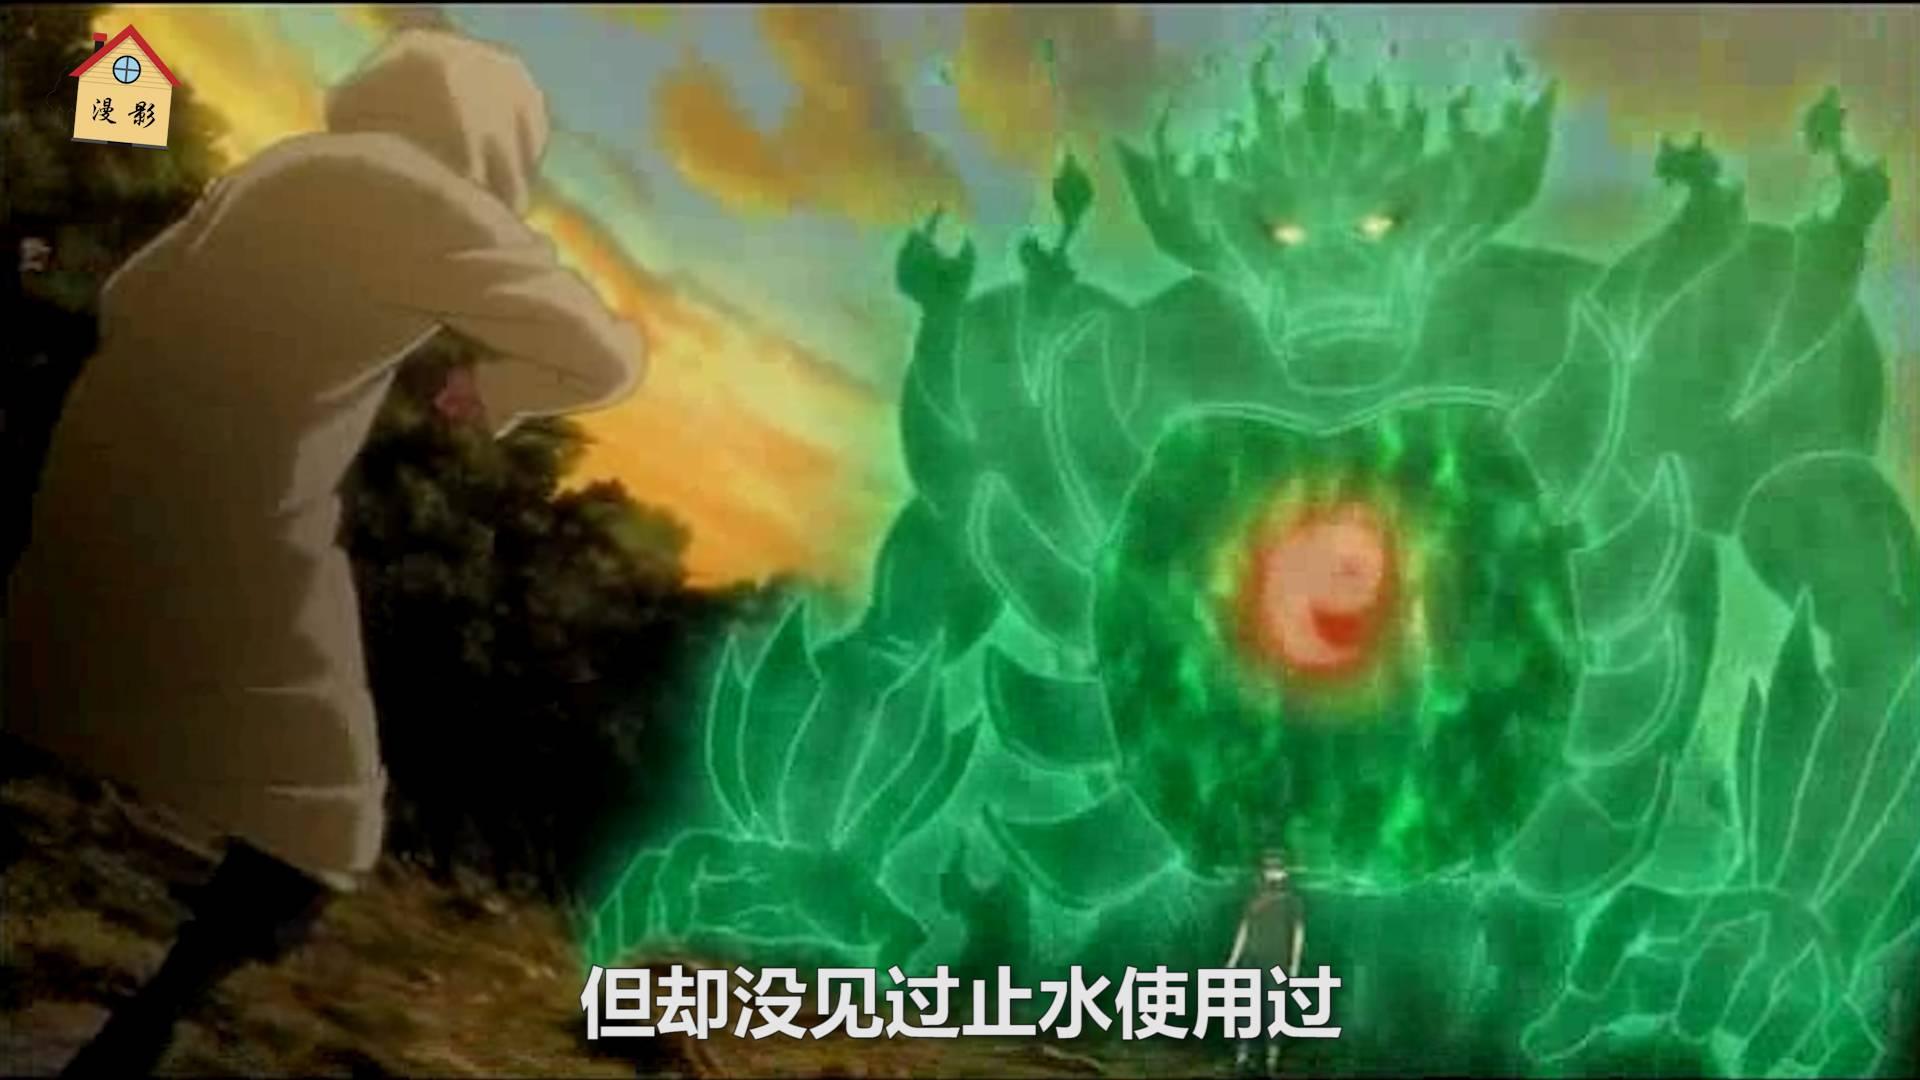 火影忍者:写轮眼论特殊能力,斑爷只能垫底,而他最强